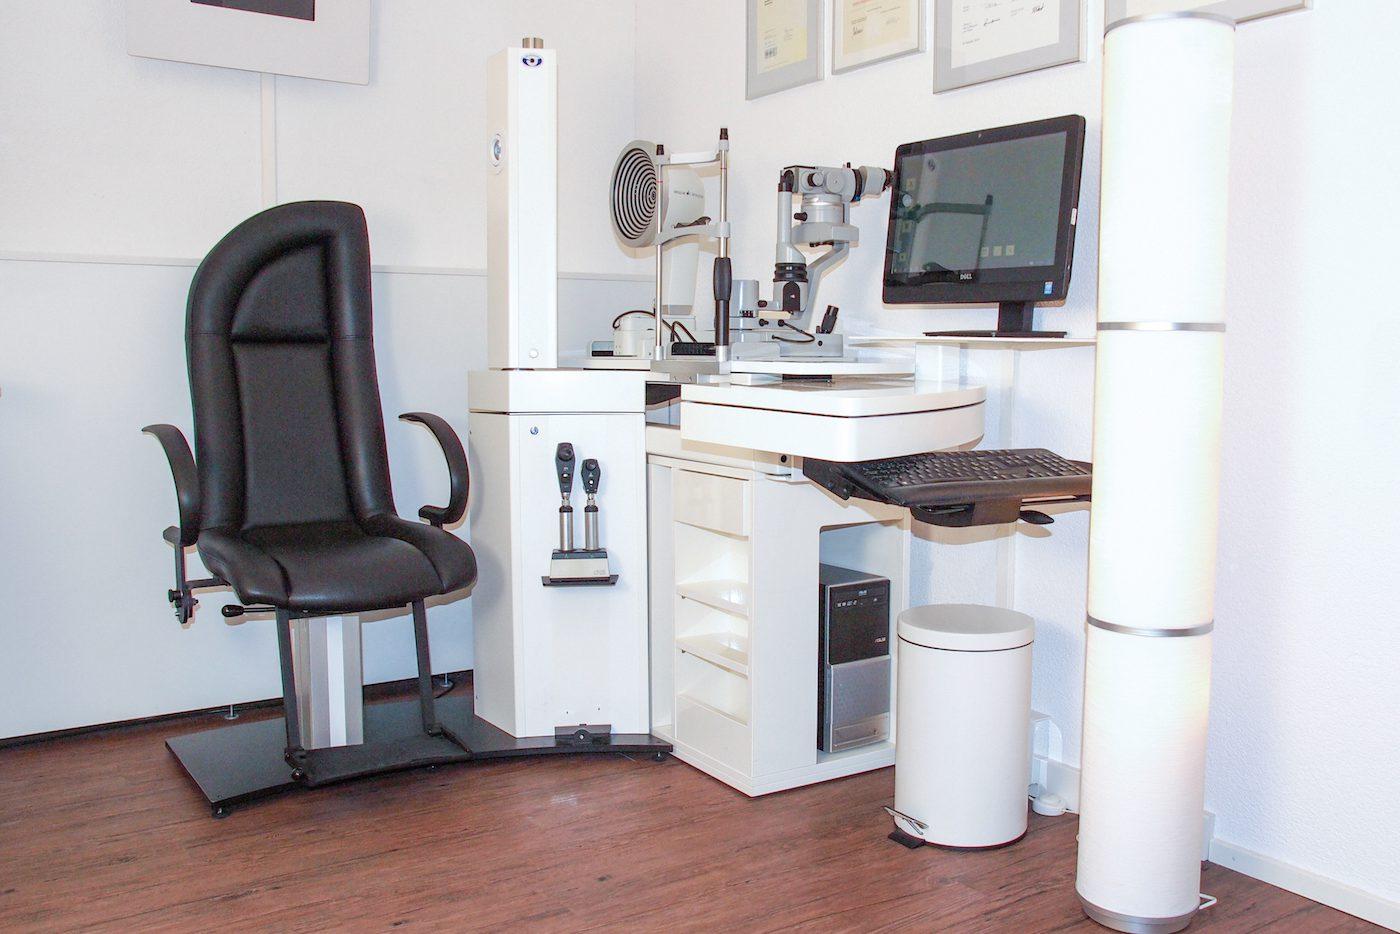 Behandlungsstuhl Augenoptiker und Messtechnik